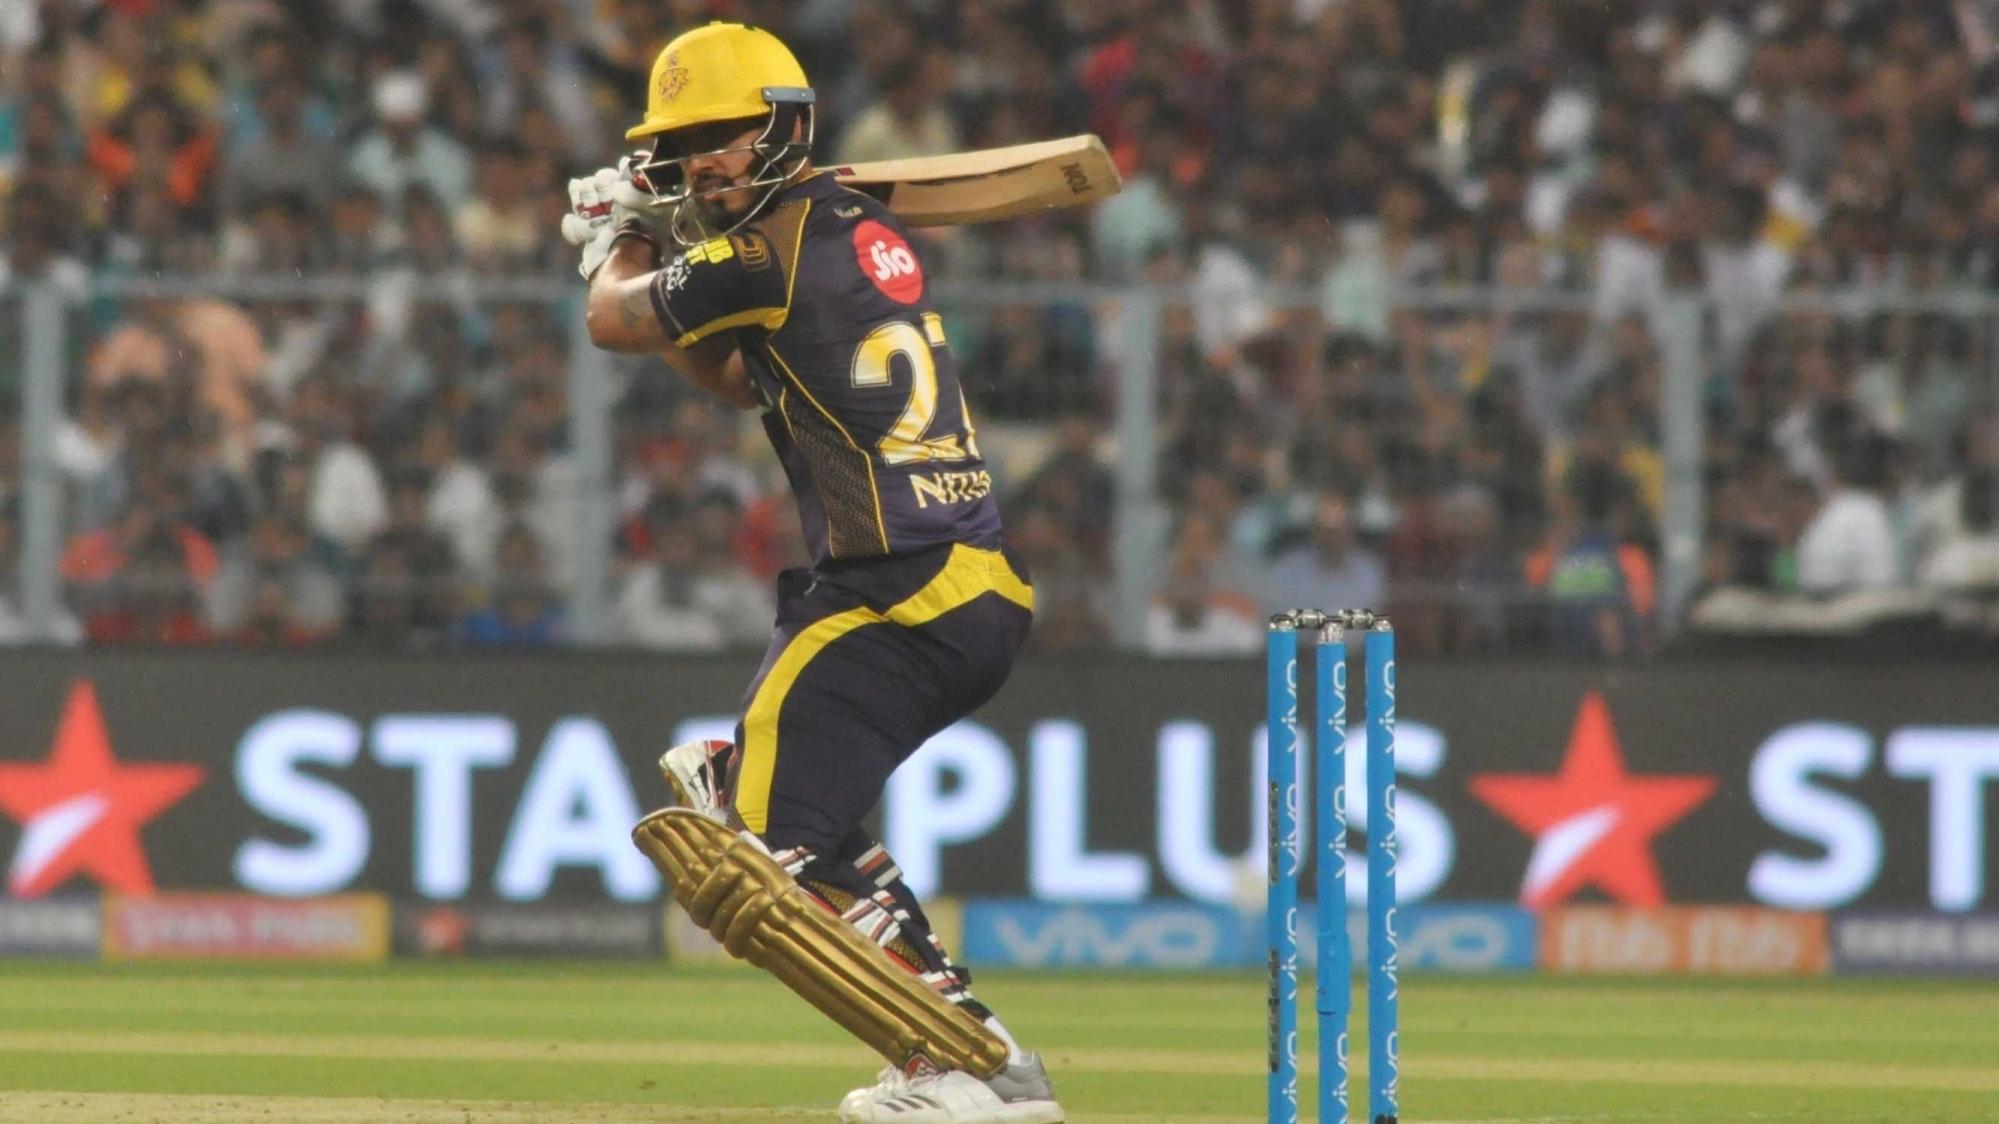 IPL 2018 : नीतीश राणा का चेन्नई सुपरकिंग्स के खिलाफ मुकाबले में खेलना हैं अनिश्चित